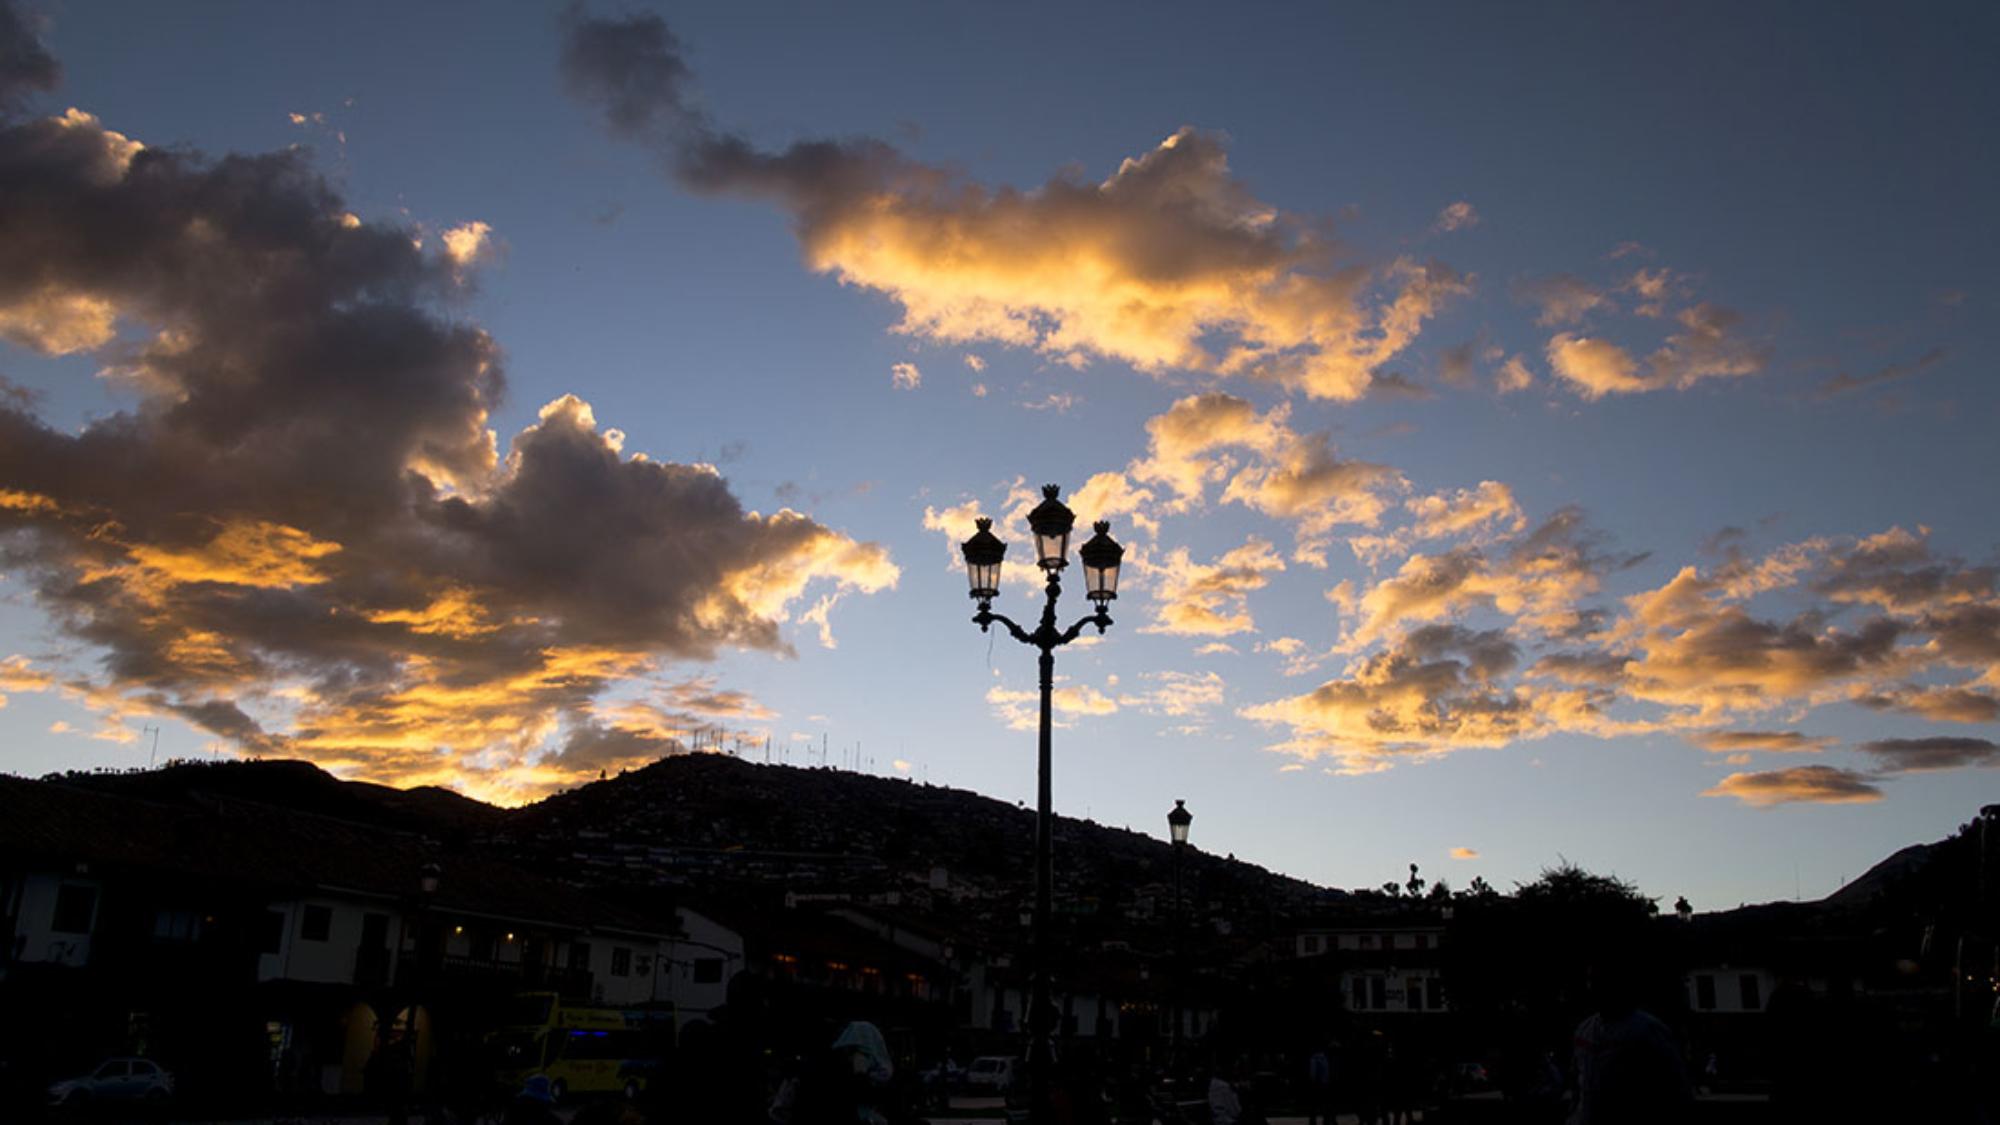 sunset in the Plaza de Armas Cusco